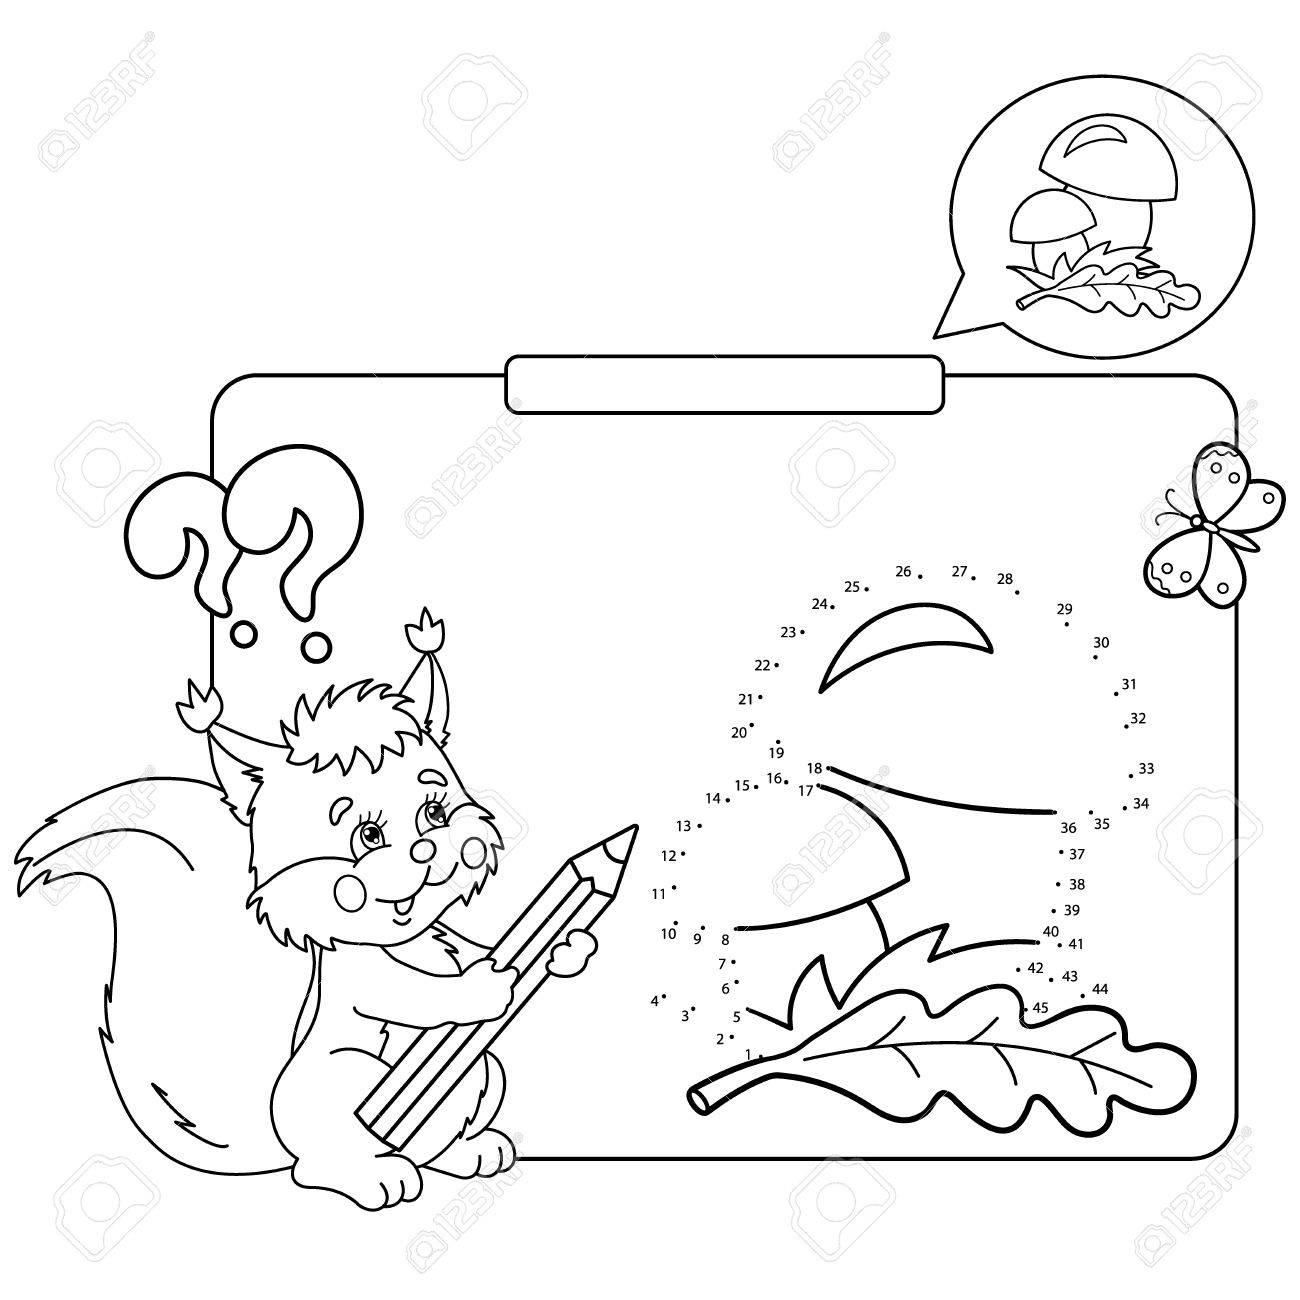 Juegos Educativos Para Ninos Juego De Numeros Hongos Dibujo